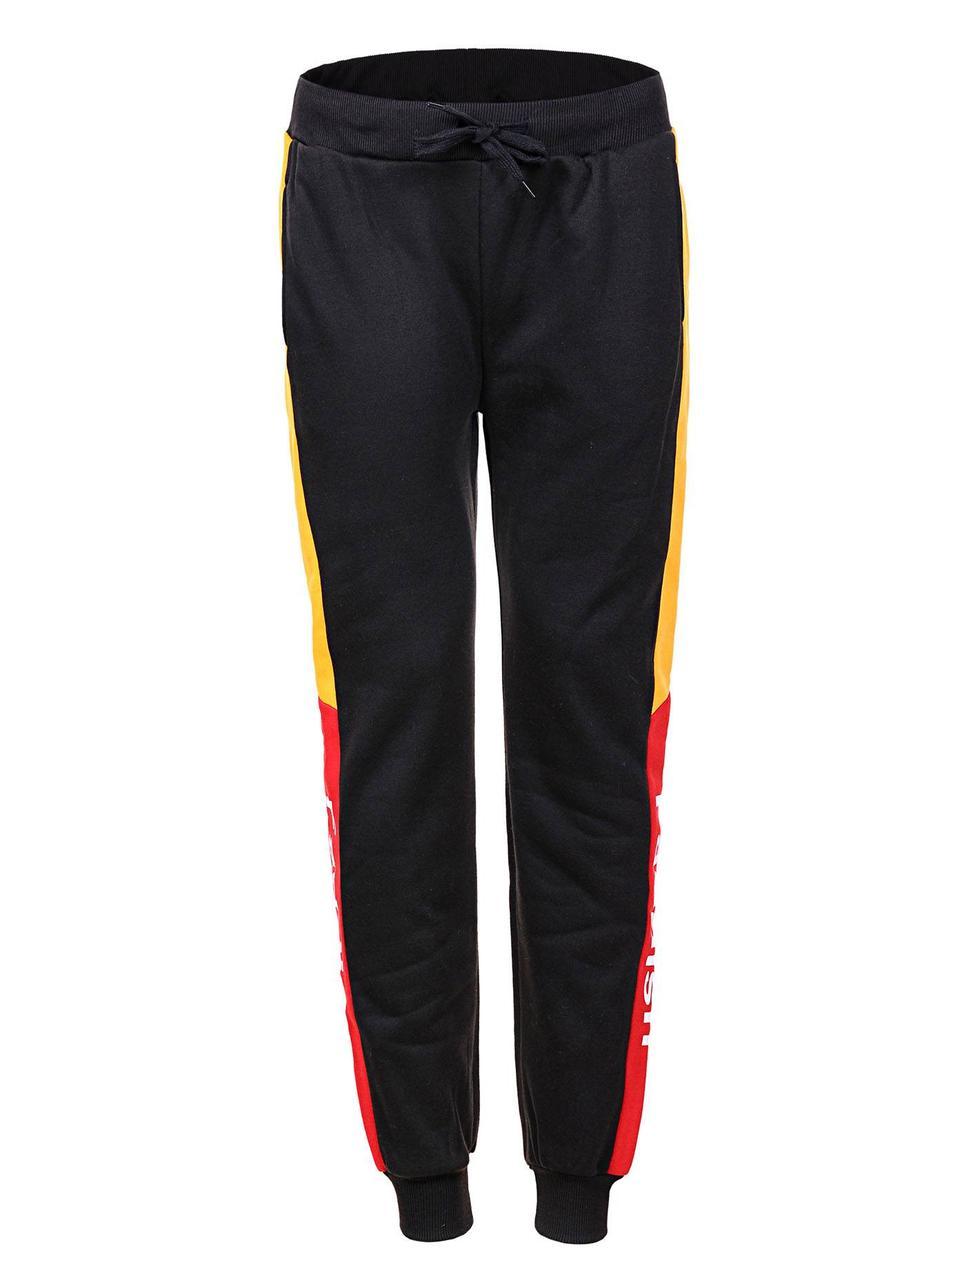 Оригинальные Мужские Спортивные Штаны MRT-9324 Black/Yellow/red